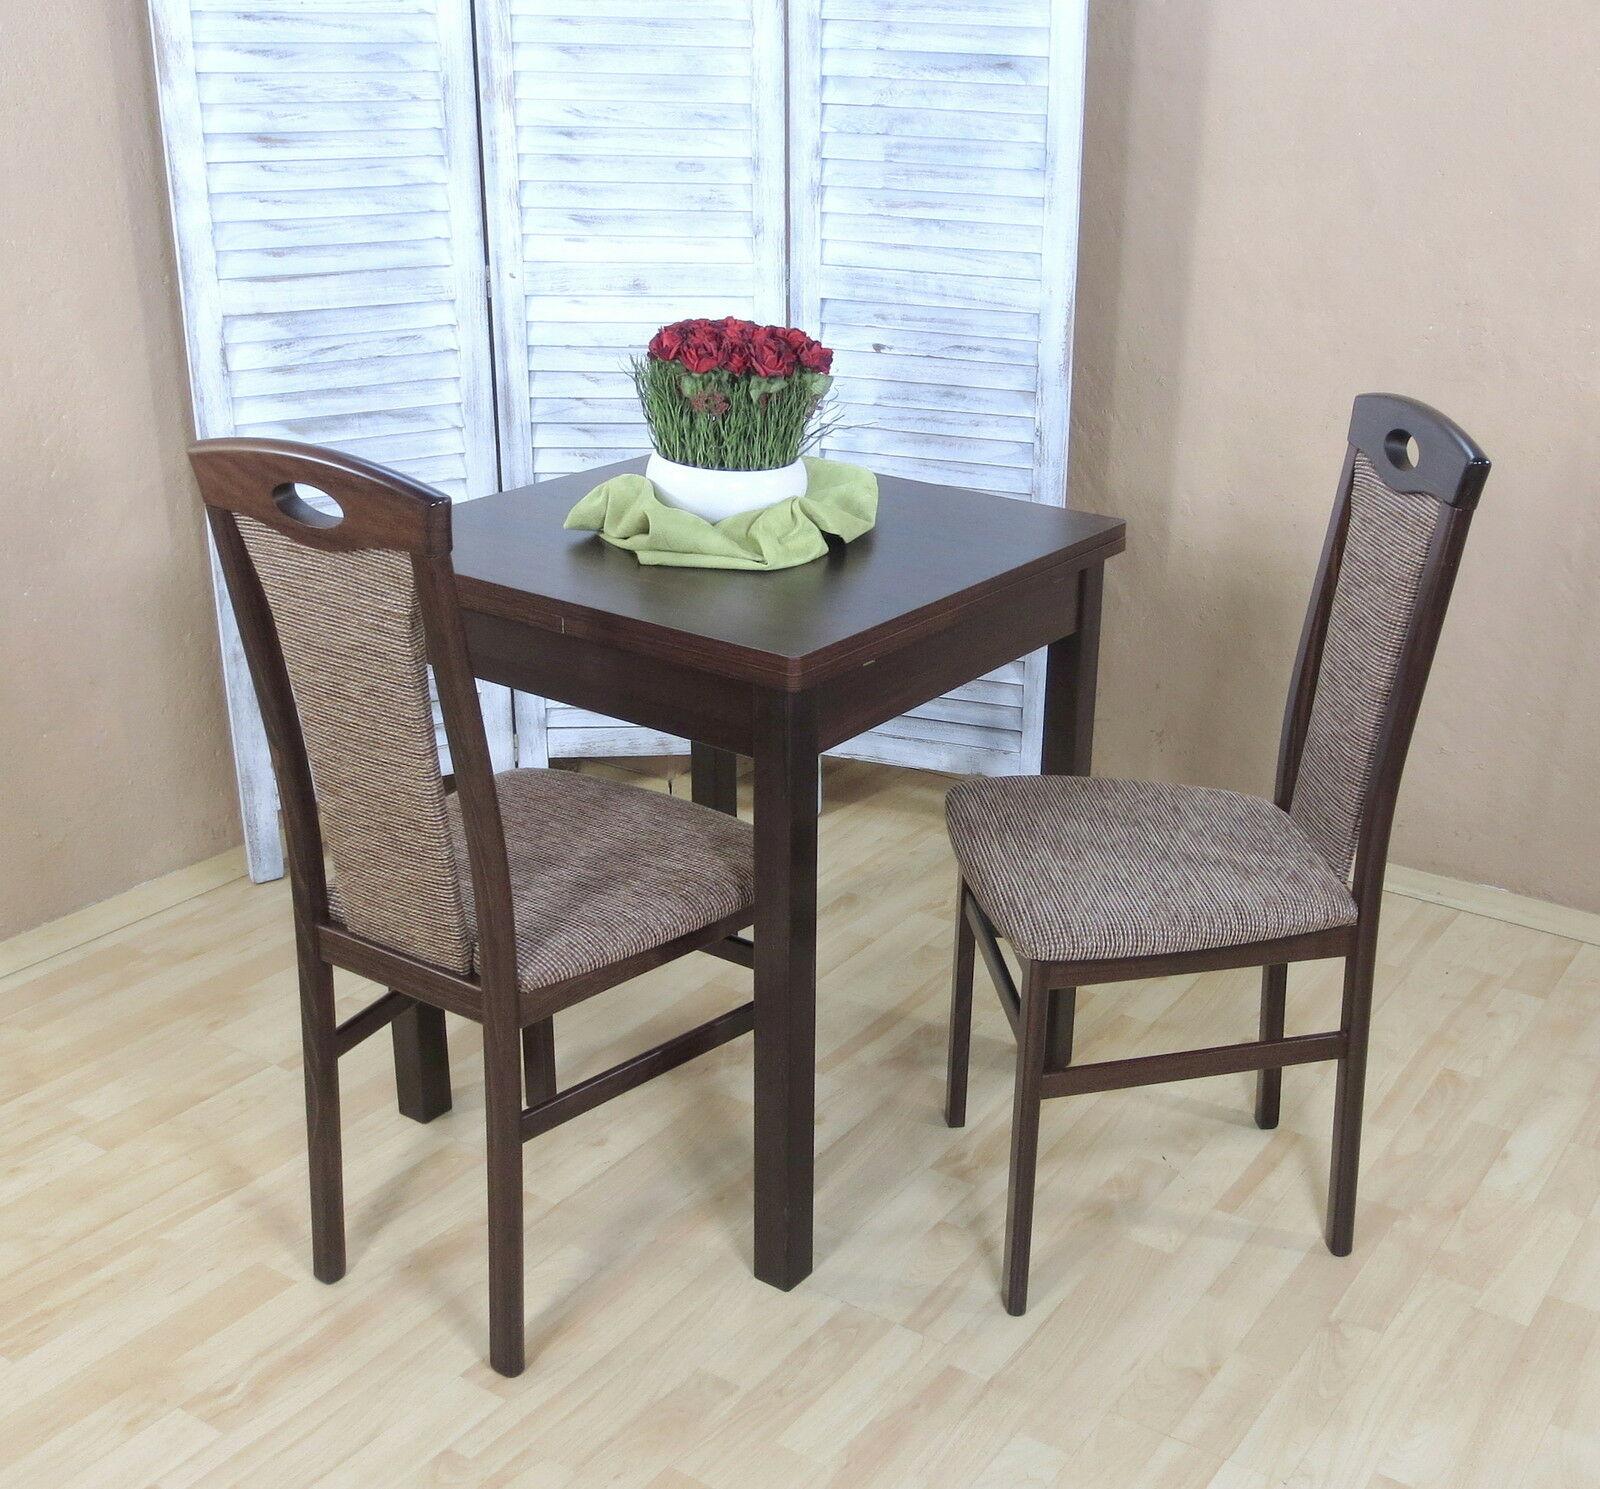 Tischgruppe Massiv Buche Nussbaum Cappuccino Stuhlset Stuhle Set